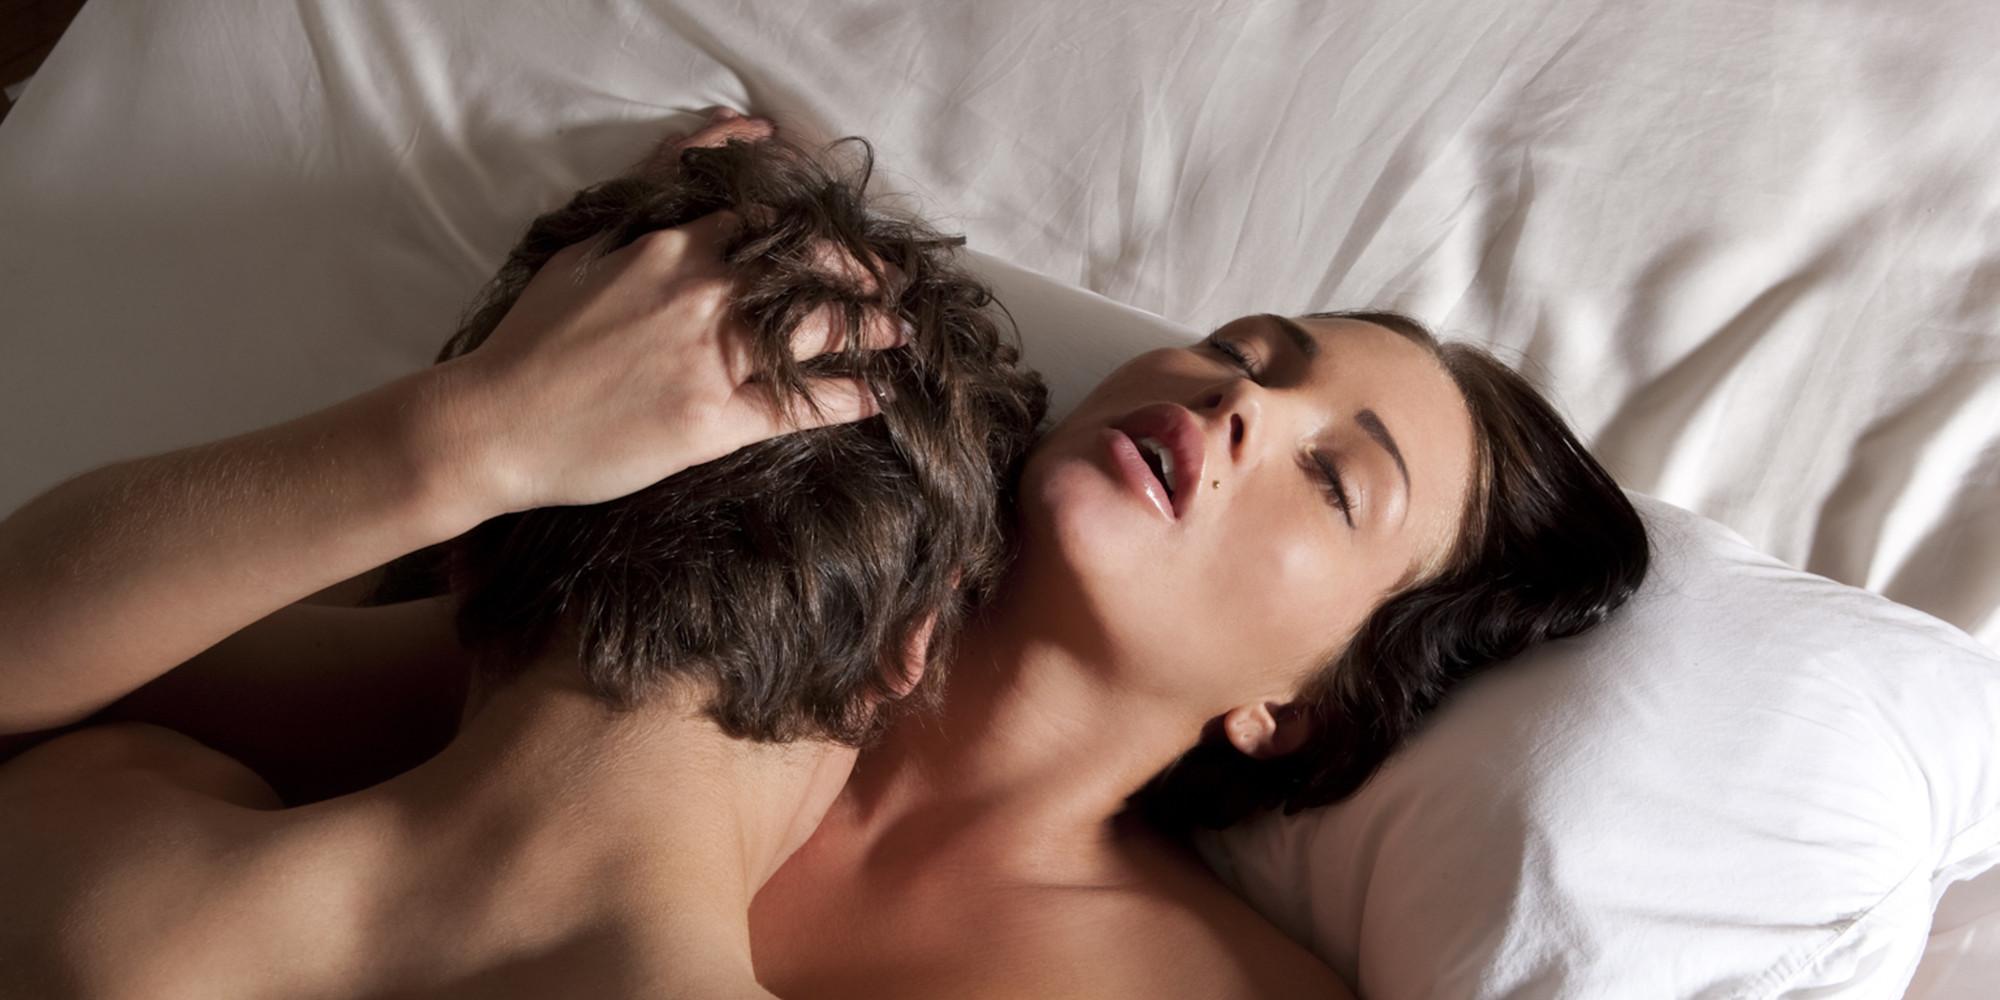 orgasm-partner-video